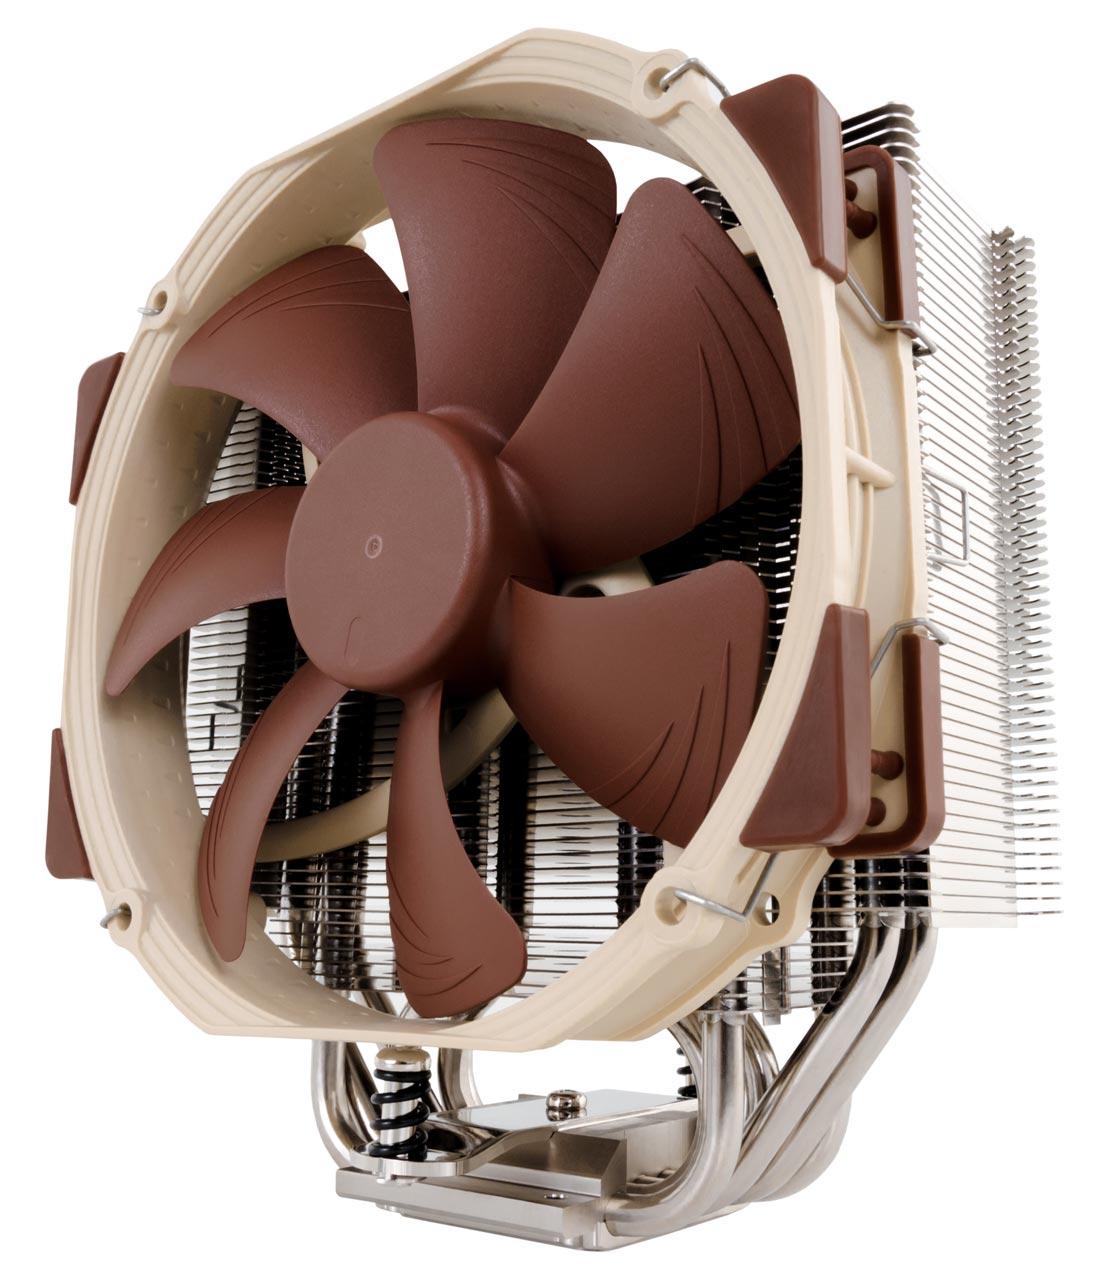 Noctua NH-U14S CPU Cooler Review